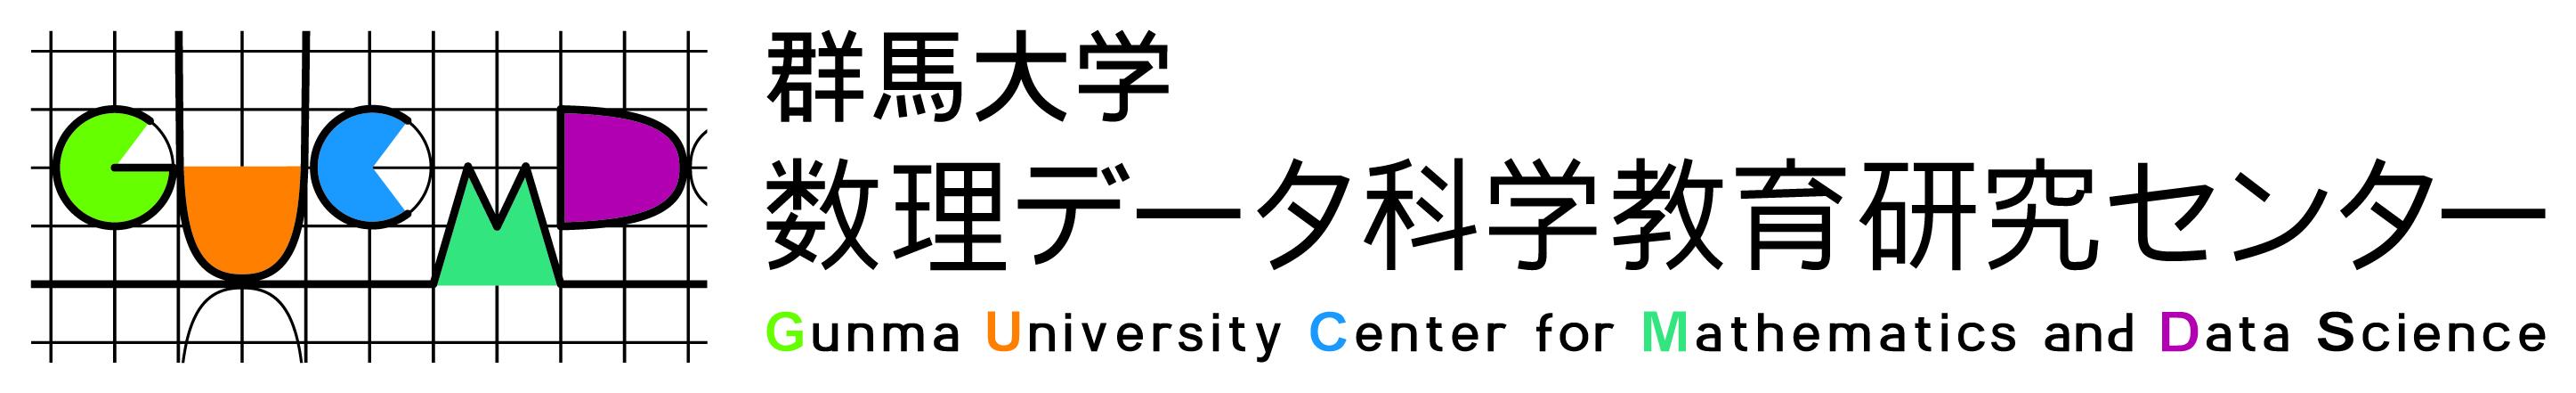 数理データ科学教育研究センター